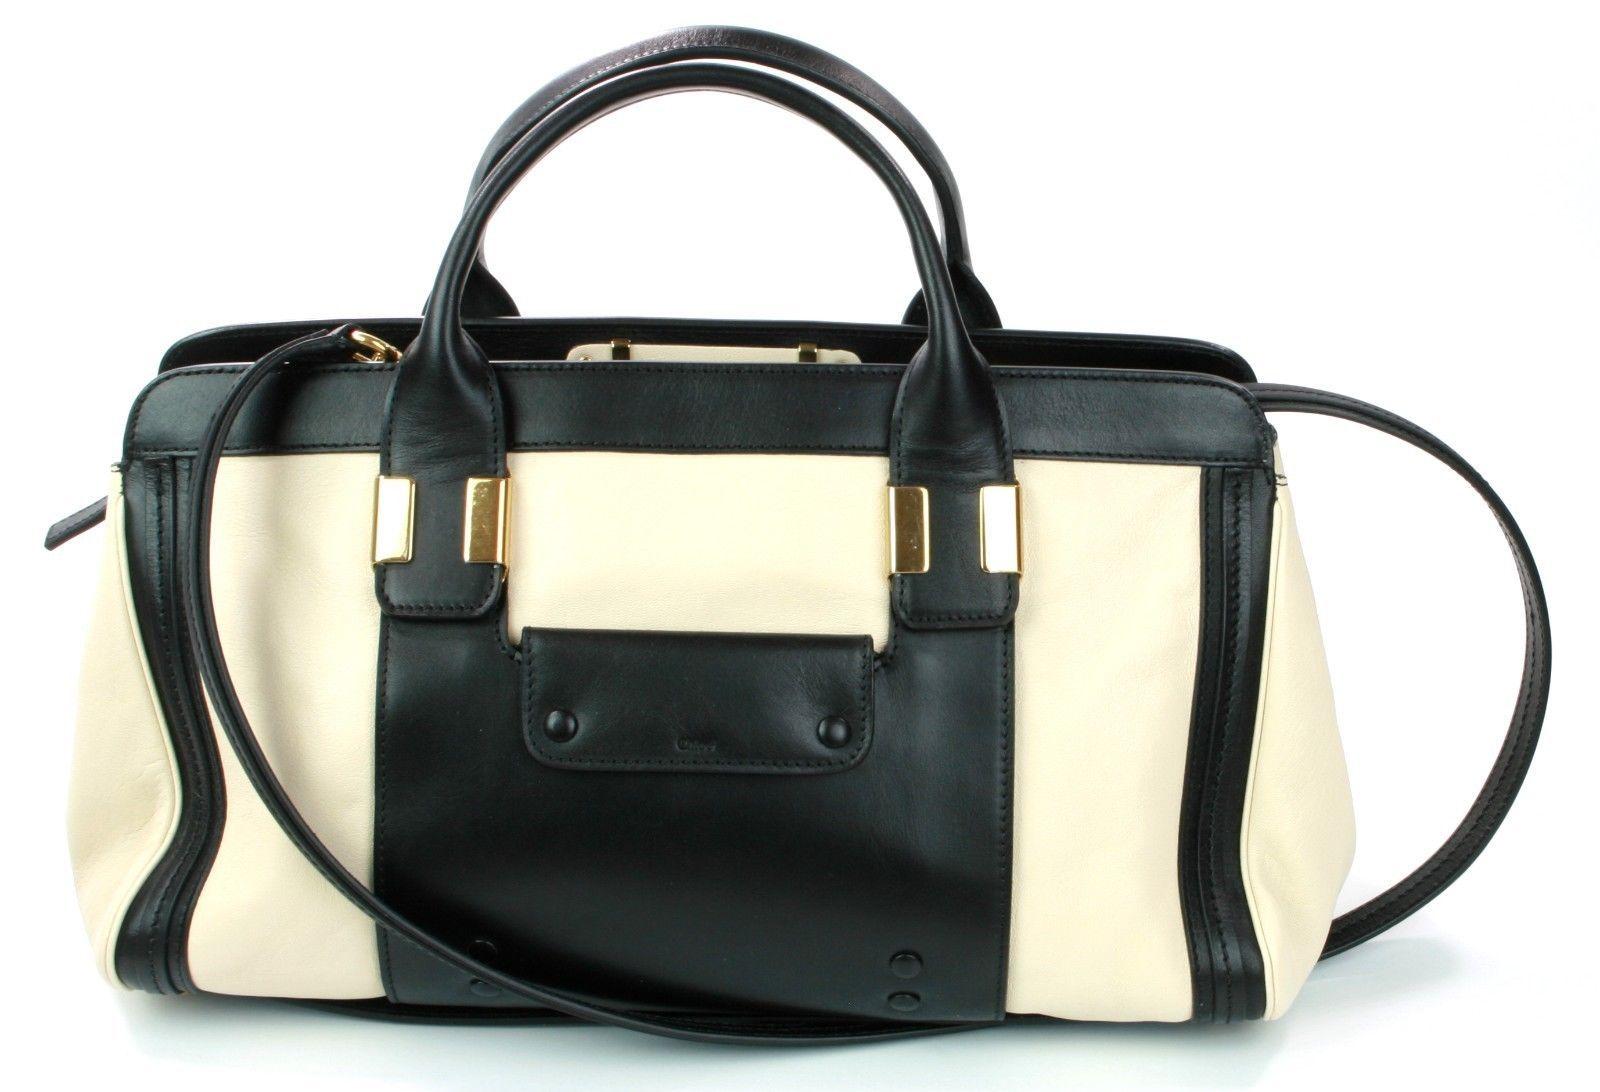 Chloe Alice Heiser weiß schwarzes Leder Tragetasche mittelgroße Handtasche